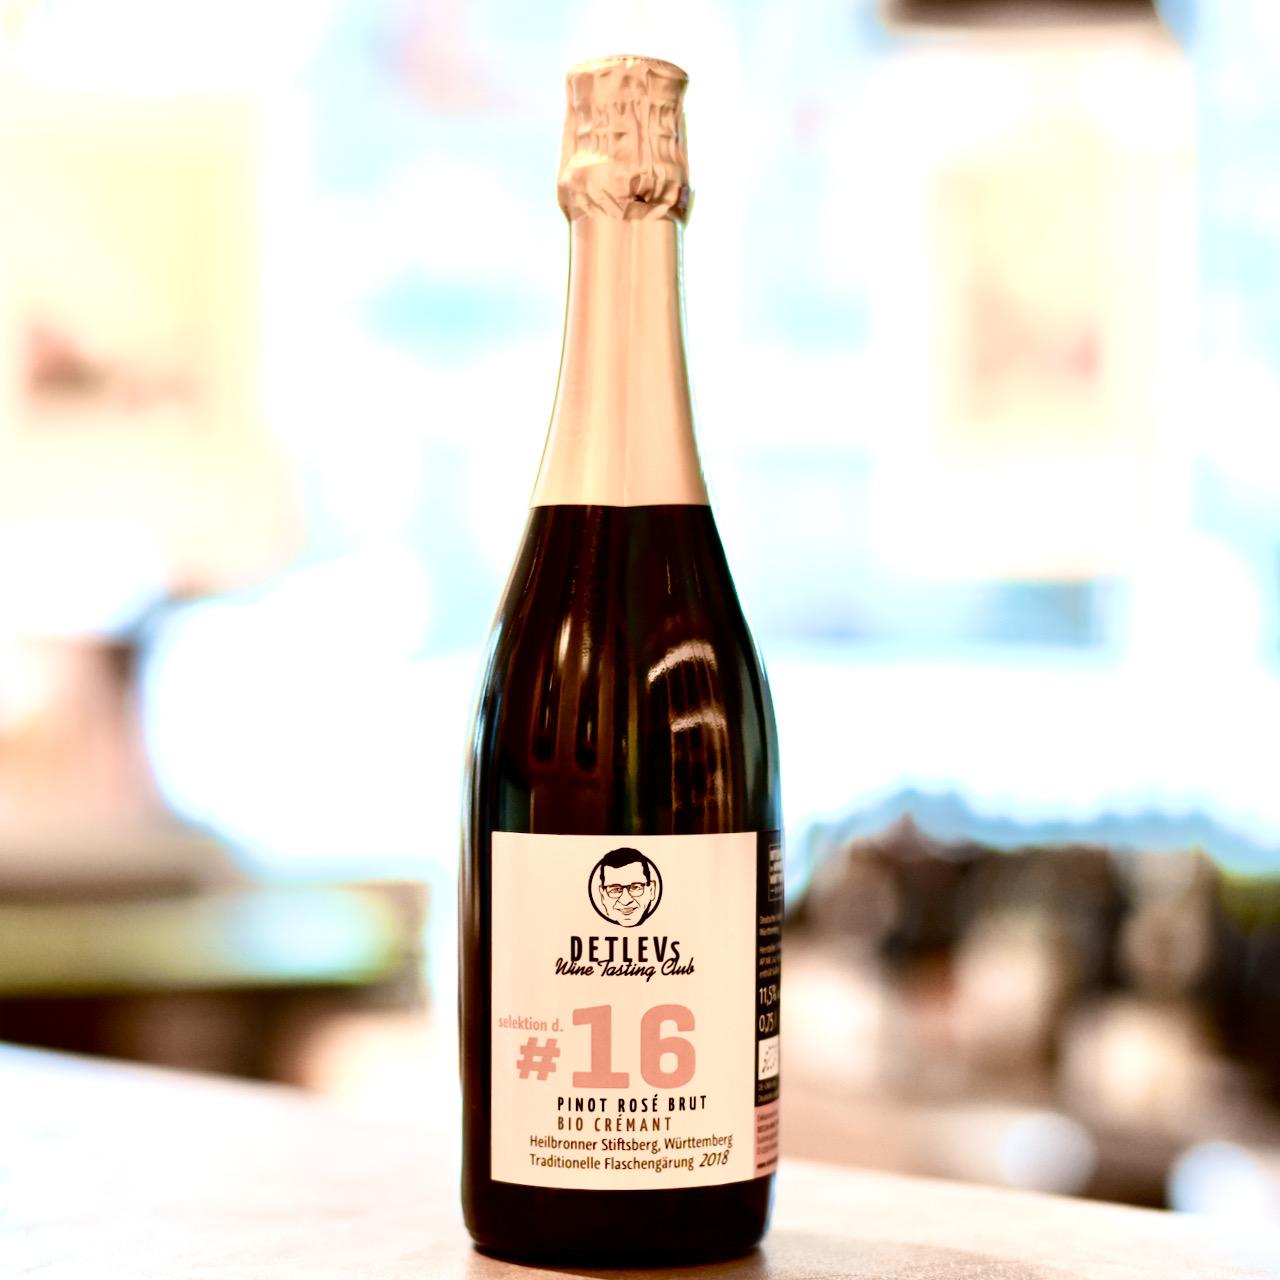 """DETLEVs """"selektion d."""" No. 16 Crémant Pinot Rosé Brut, bio"""